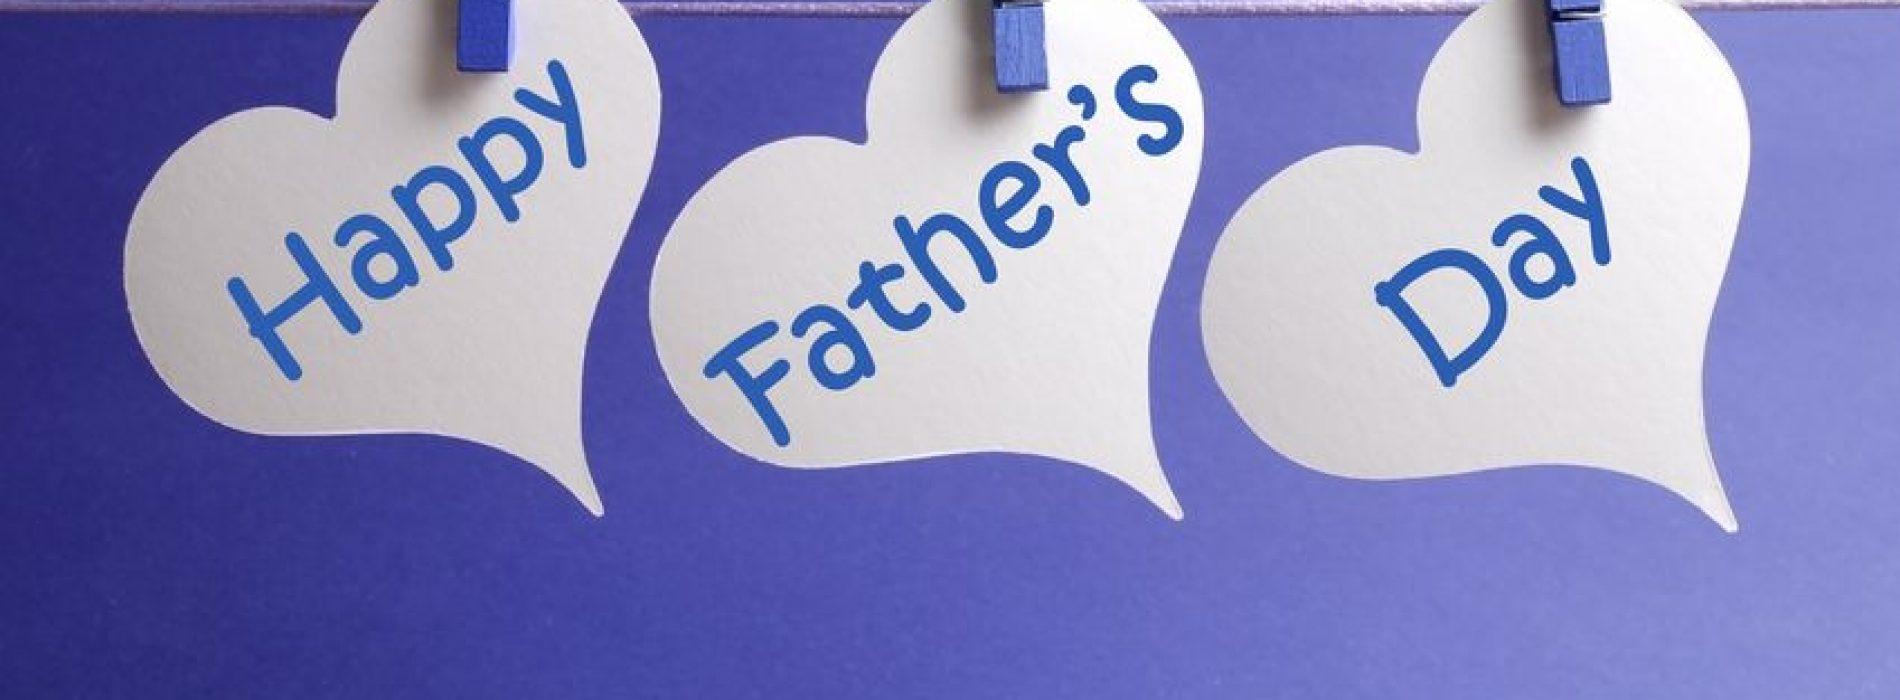 父親節起源, 由杜德夫人建議